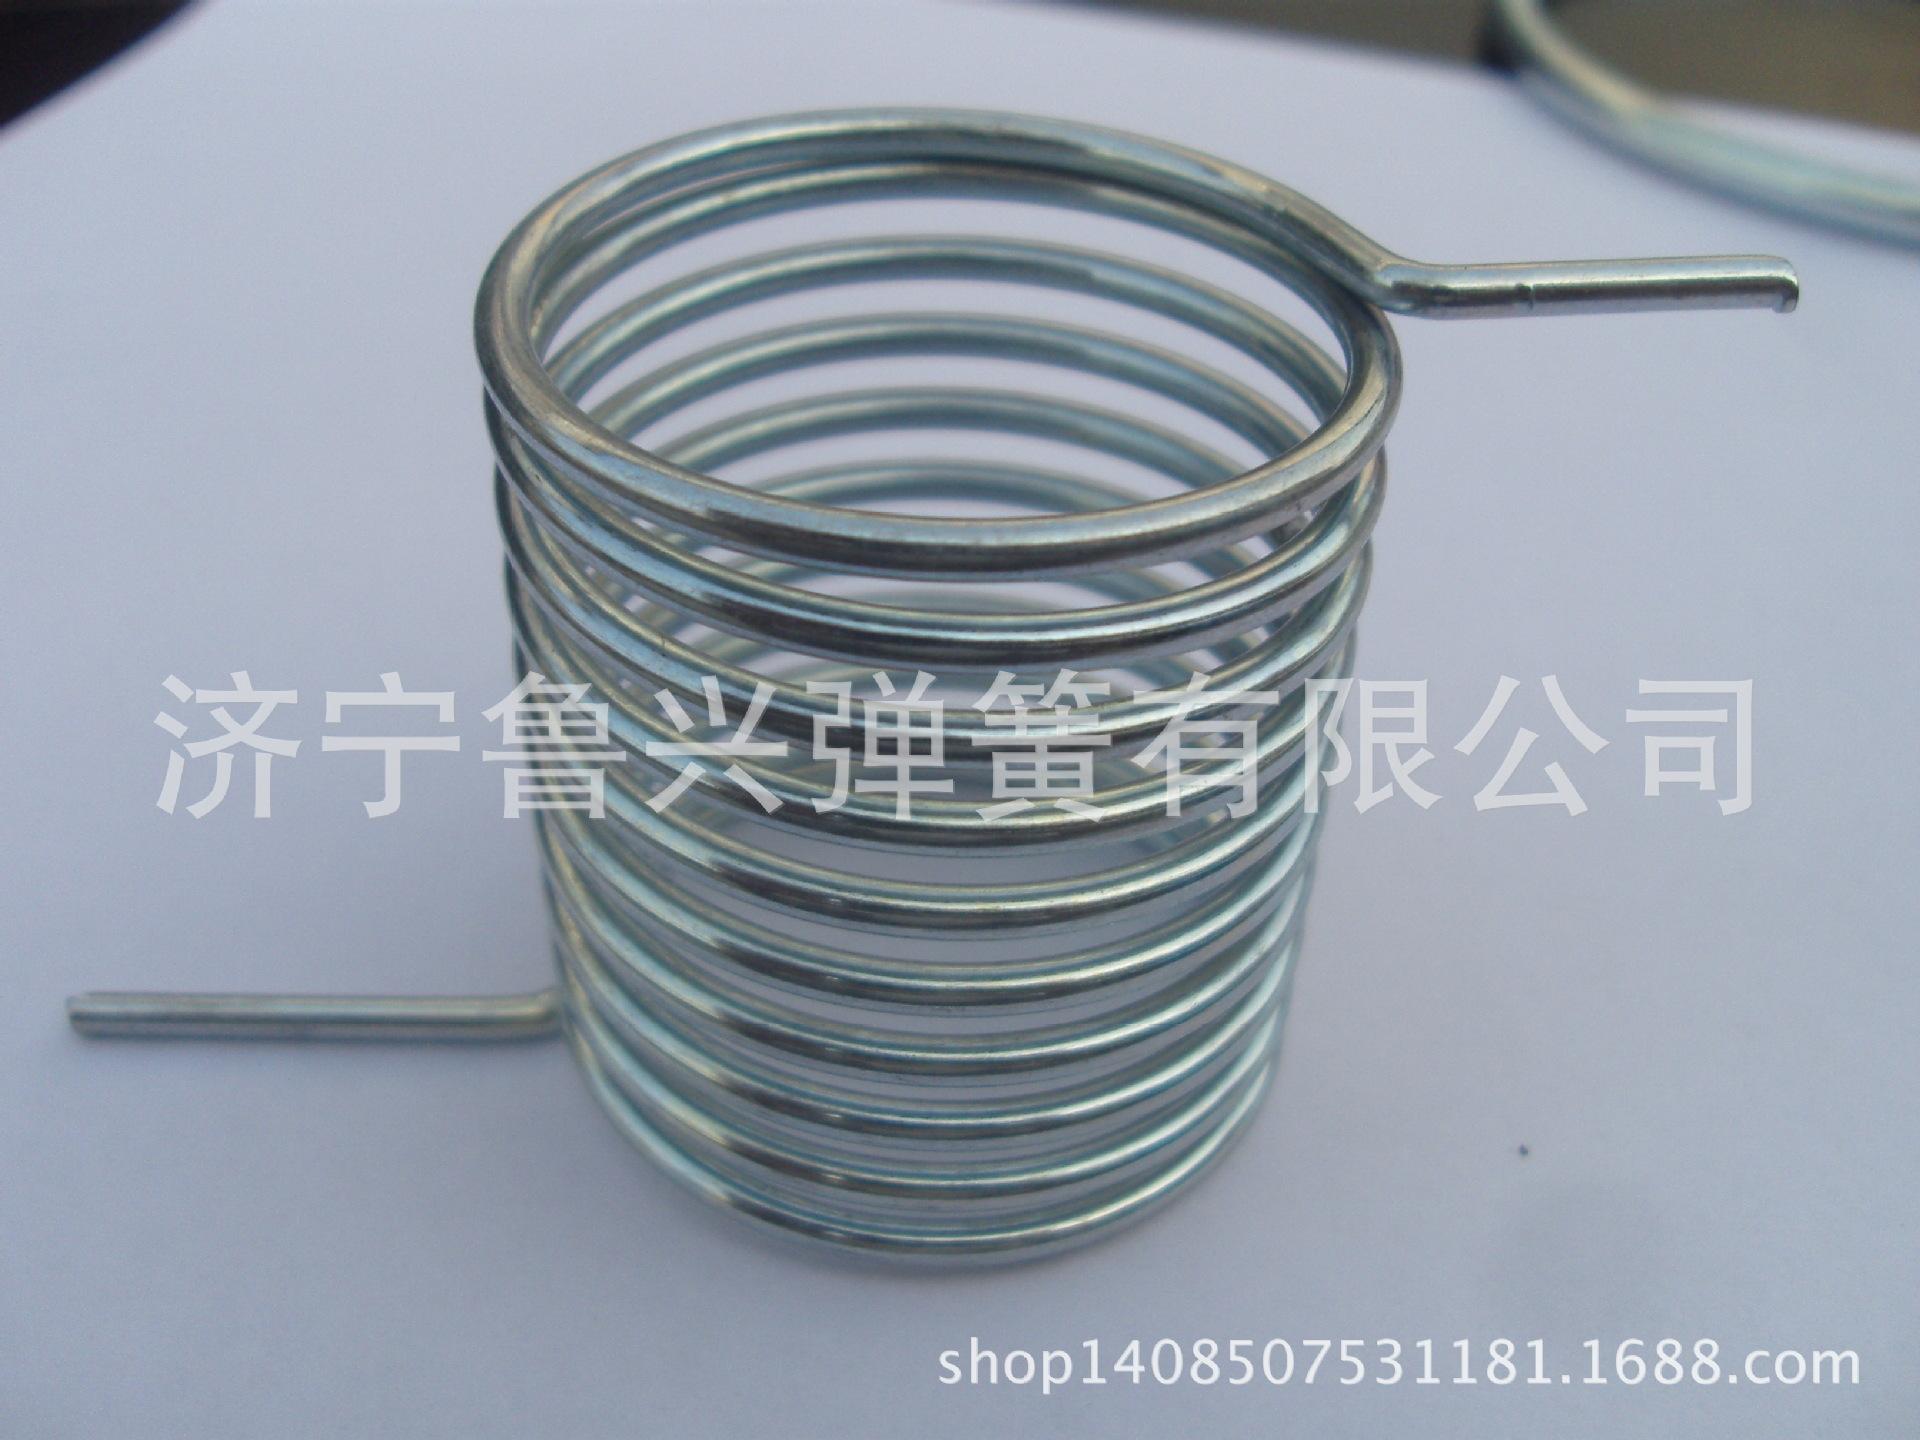 扭簧 扭转弹簧 异形扭簧 不锈钢扭簧 各种弹簧加工定做